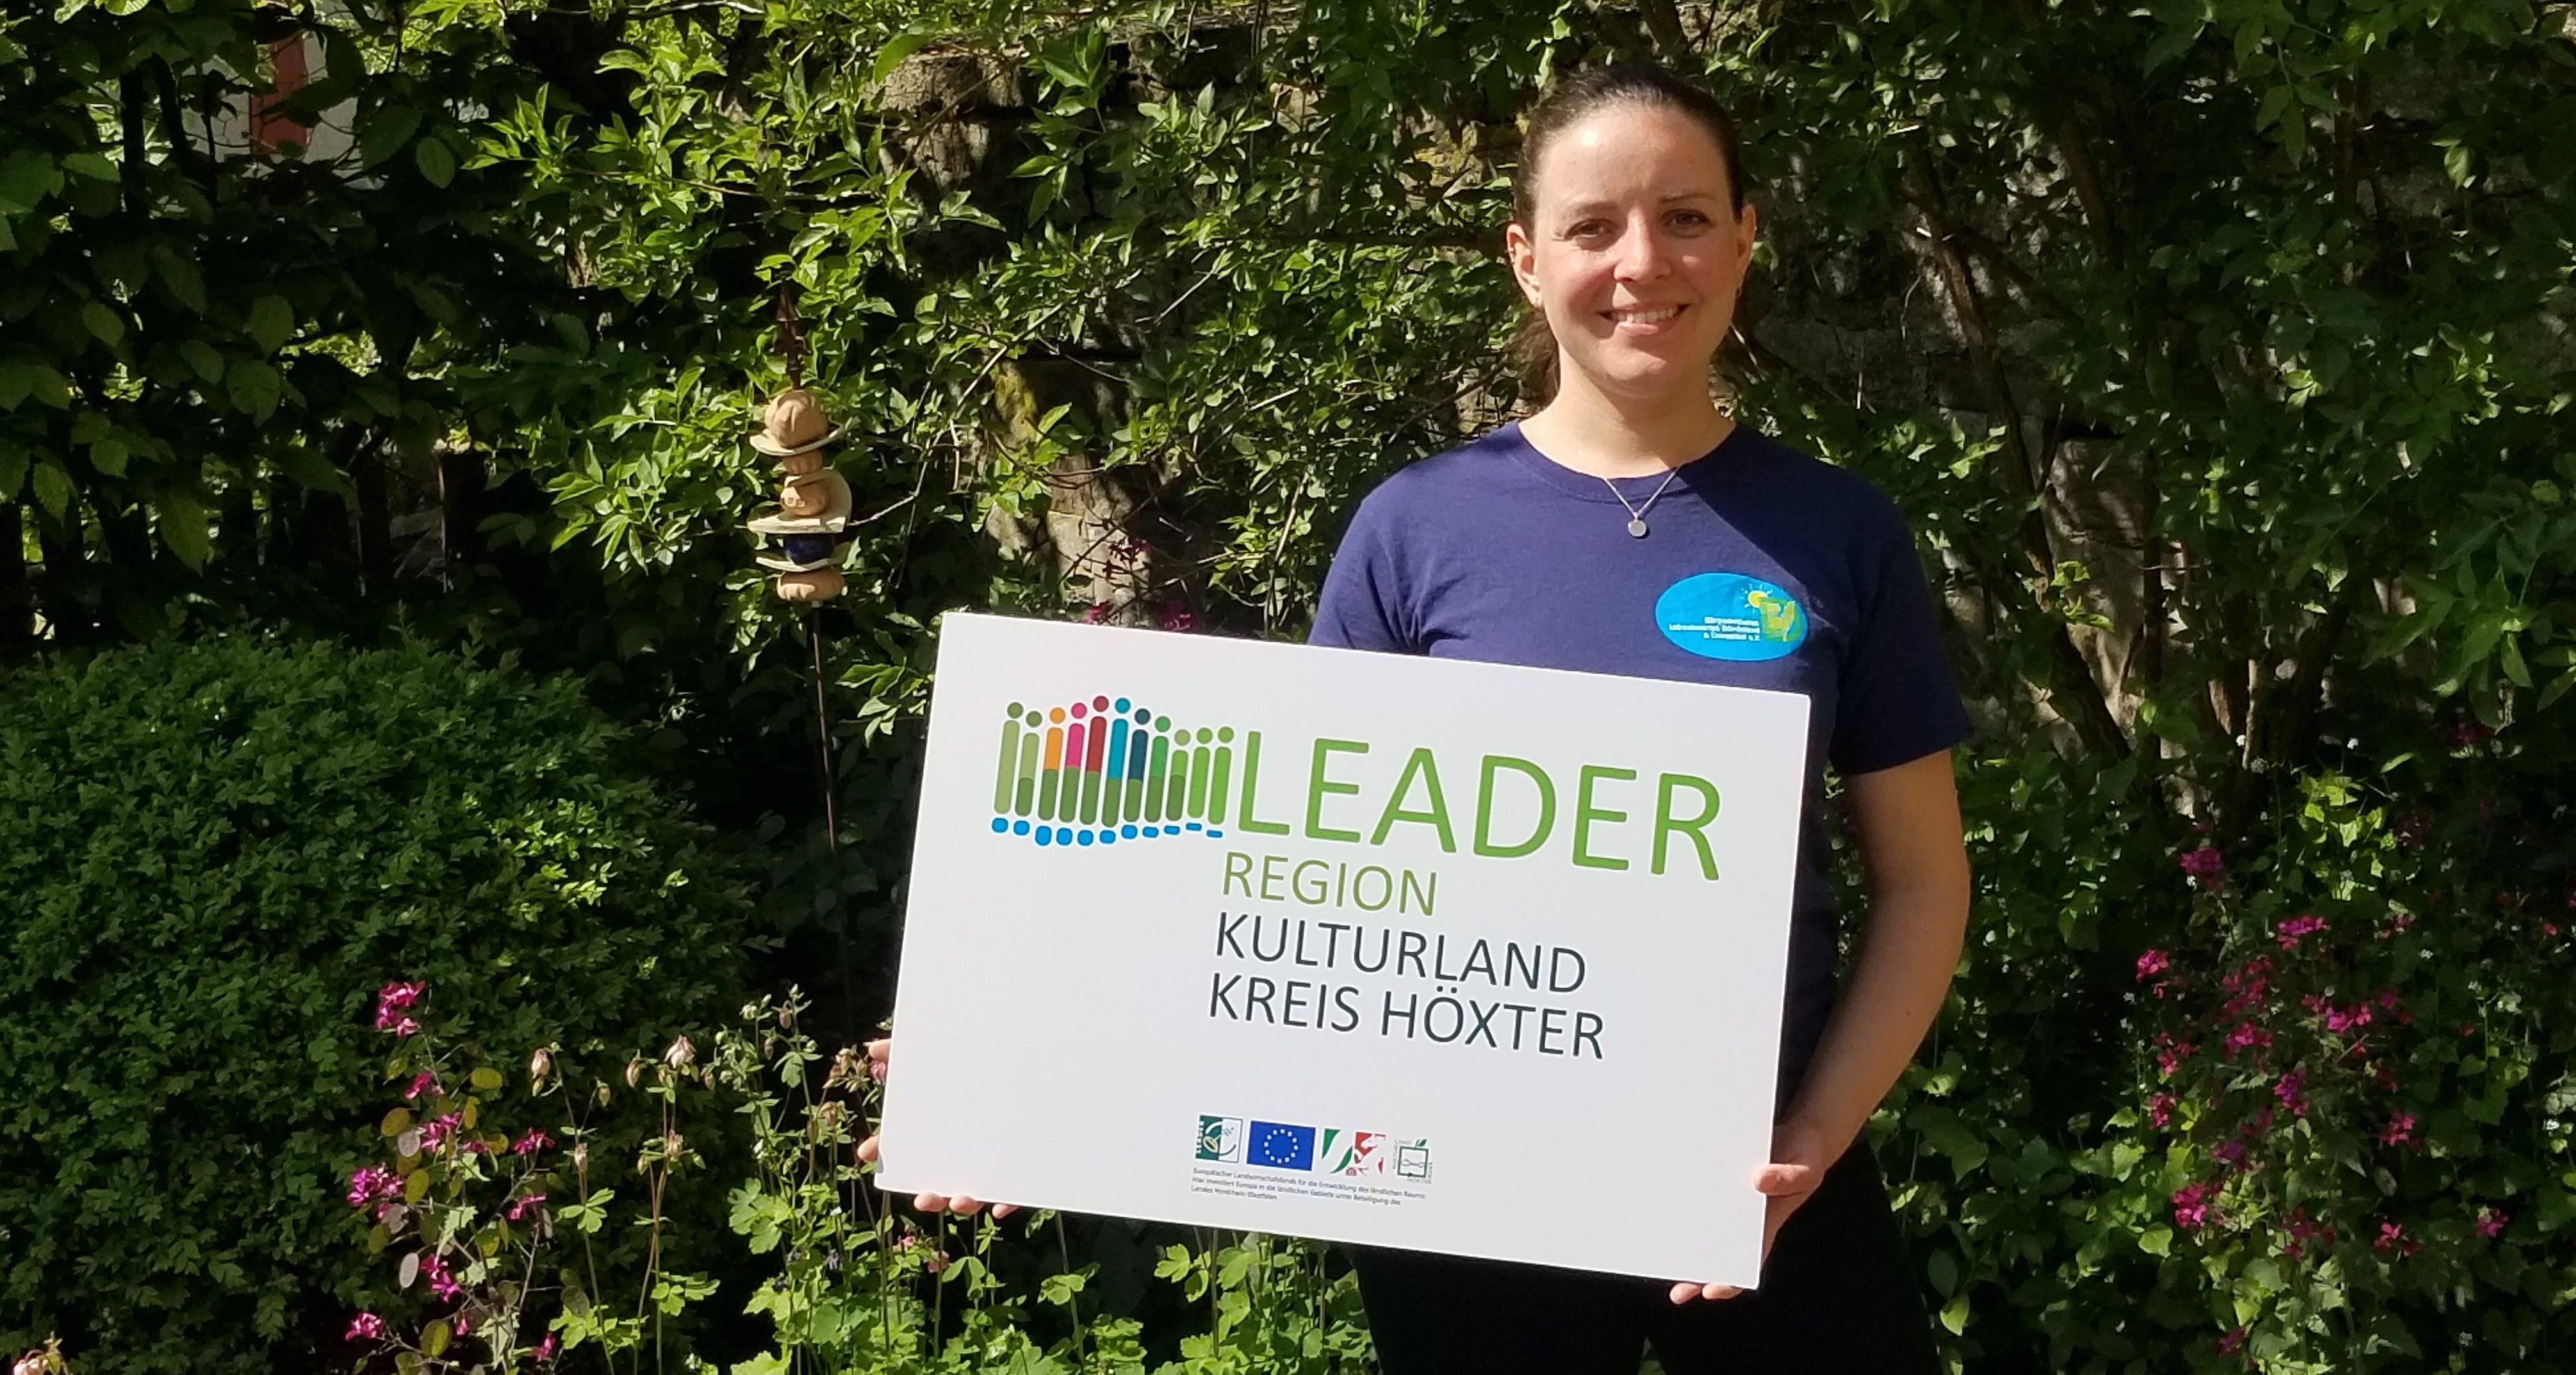 Projektleiterin Vera Prenzel präsentiert das Leader-Schild vor grünen Büschen.